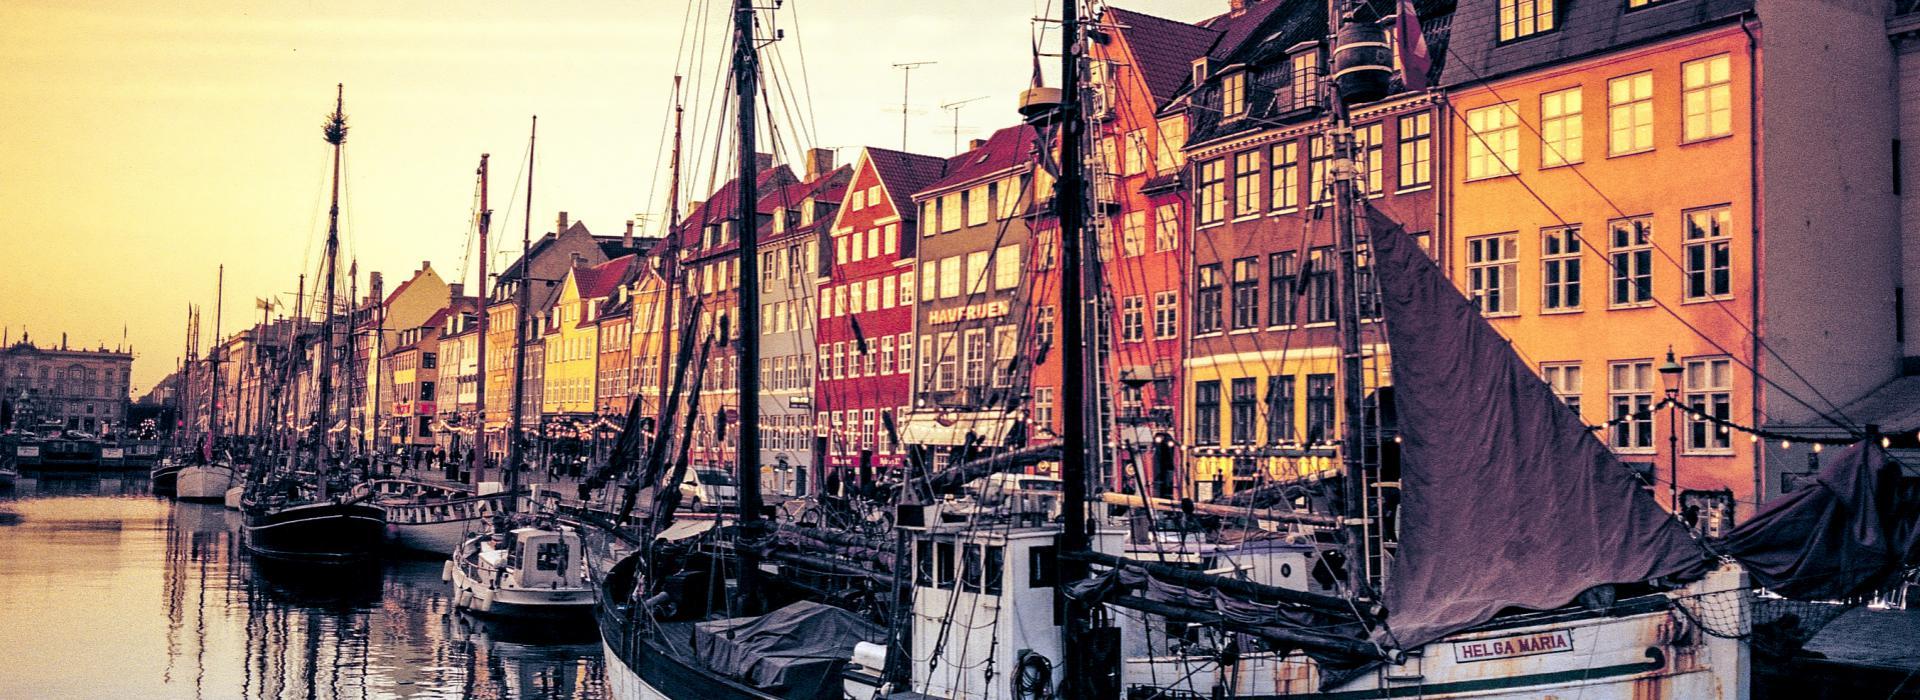 Our head office is in Copenhagen, Denmark